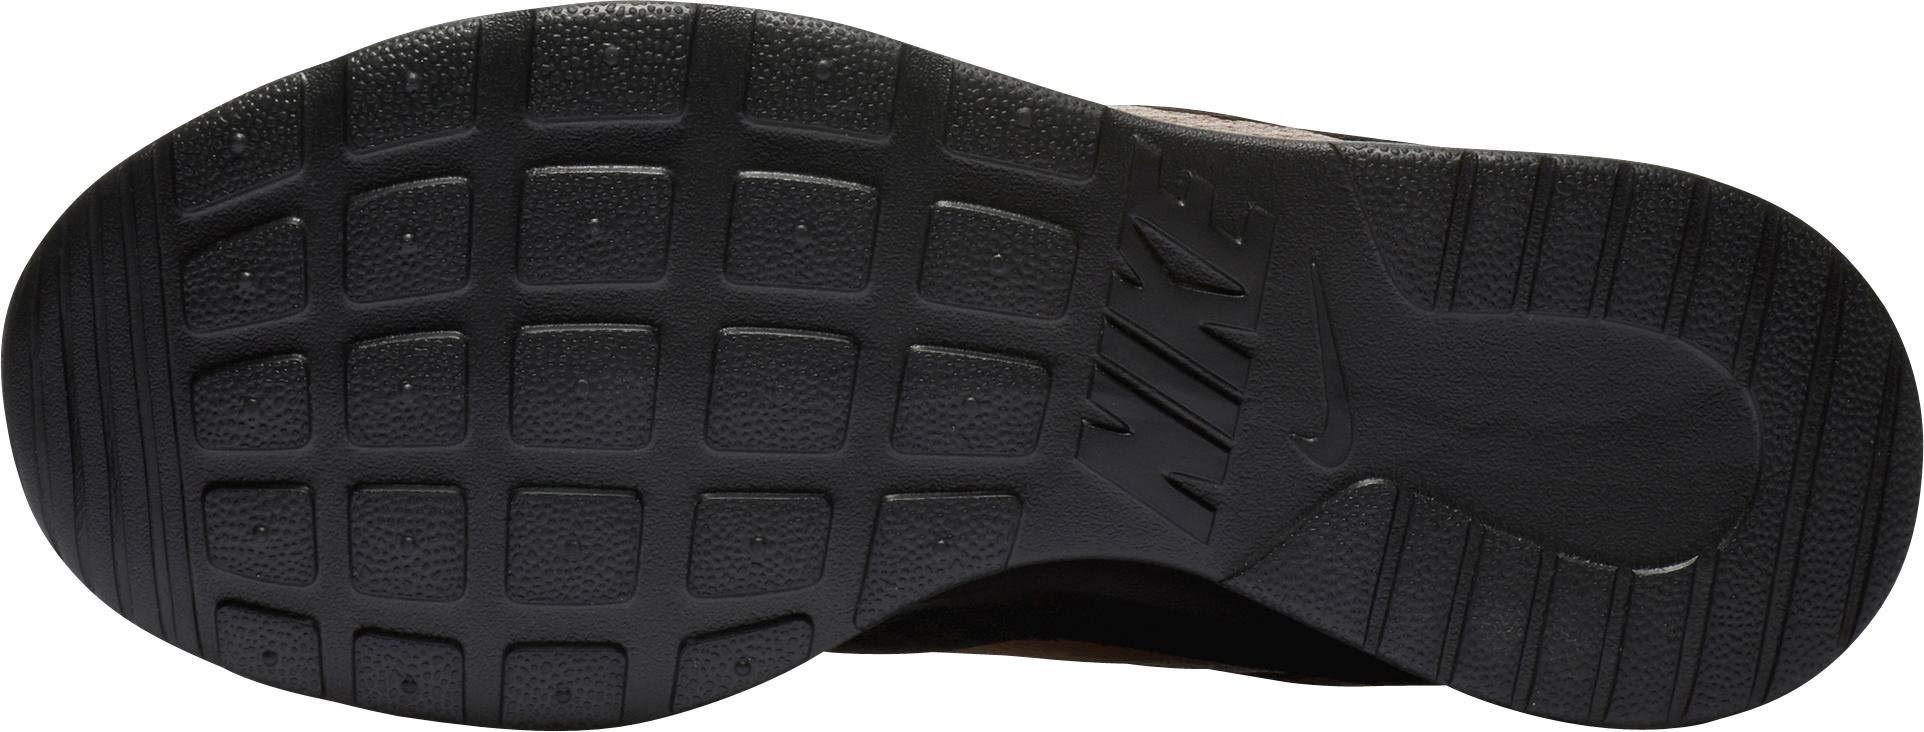 Red Black bronzefarben mtlc Tanjun Schwarz Nike 812655 Bronze 38 Women Schuh q1vZX07